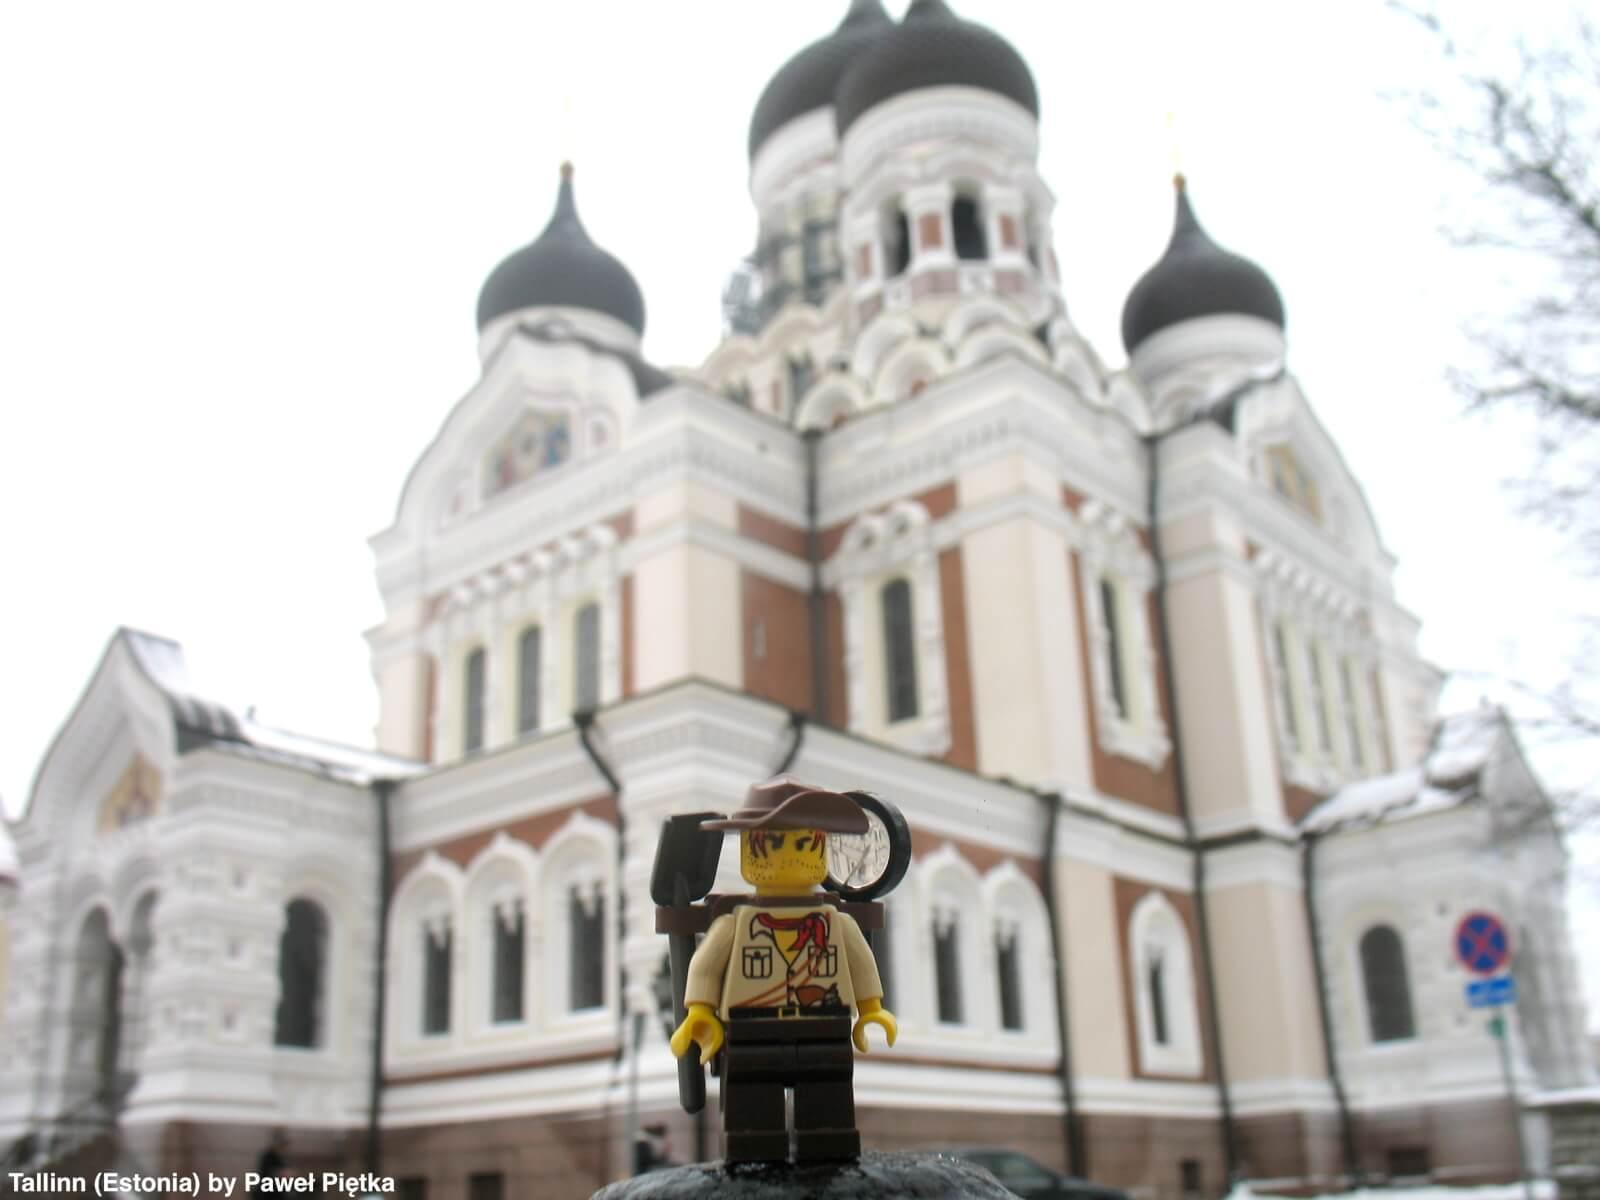 Tallinn (Estonia) - Alexander Nevsky Cathedral